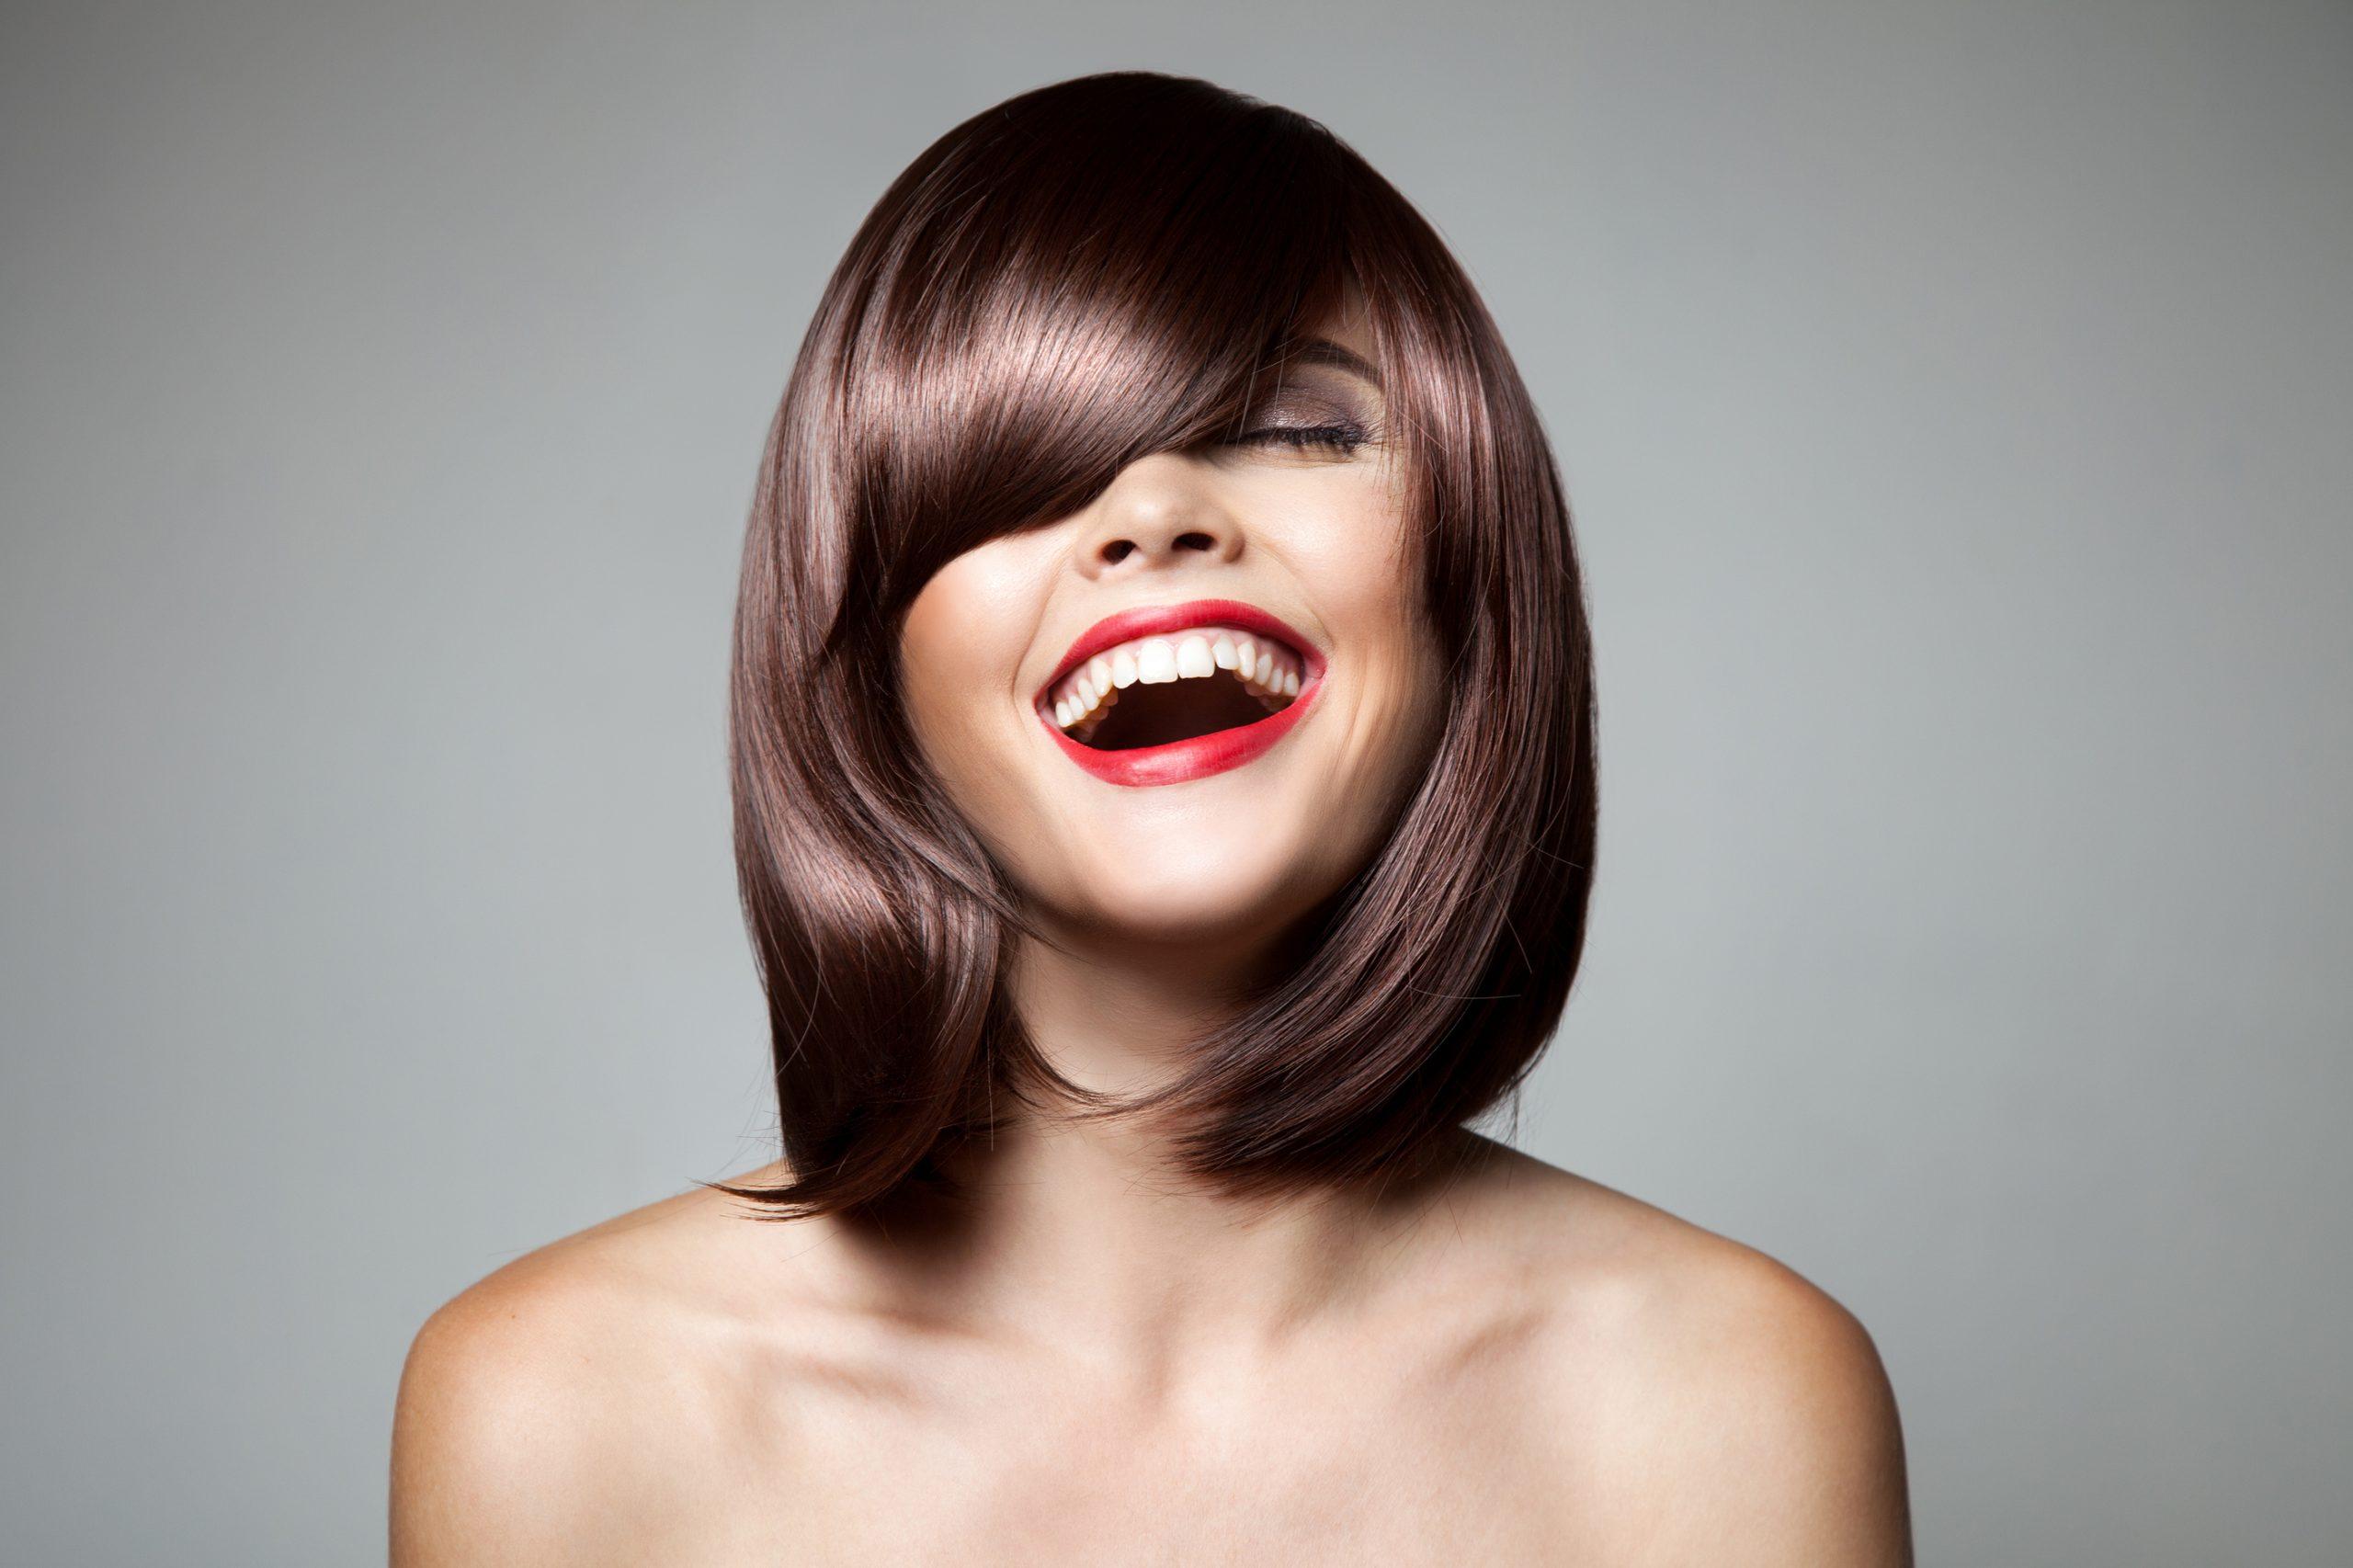 کراتین مو چیست و چه مویی نیاز به کراتین دارد؟